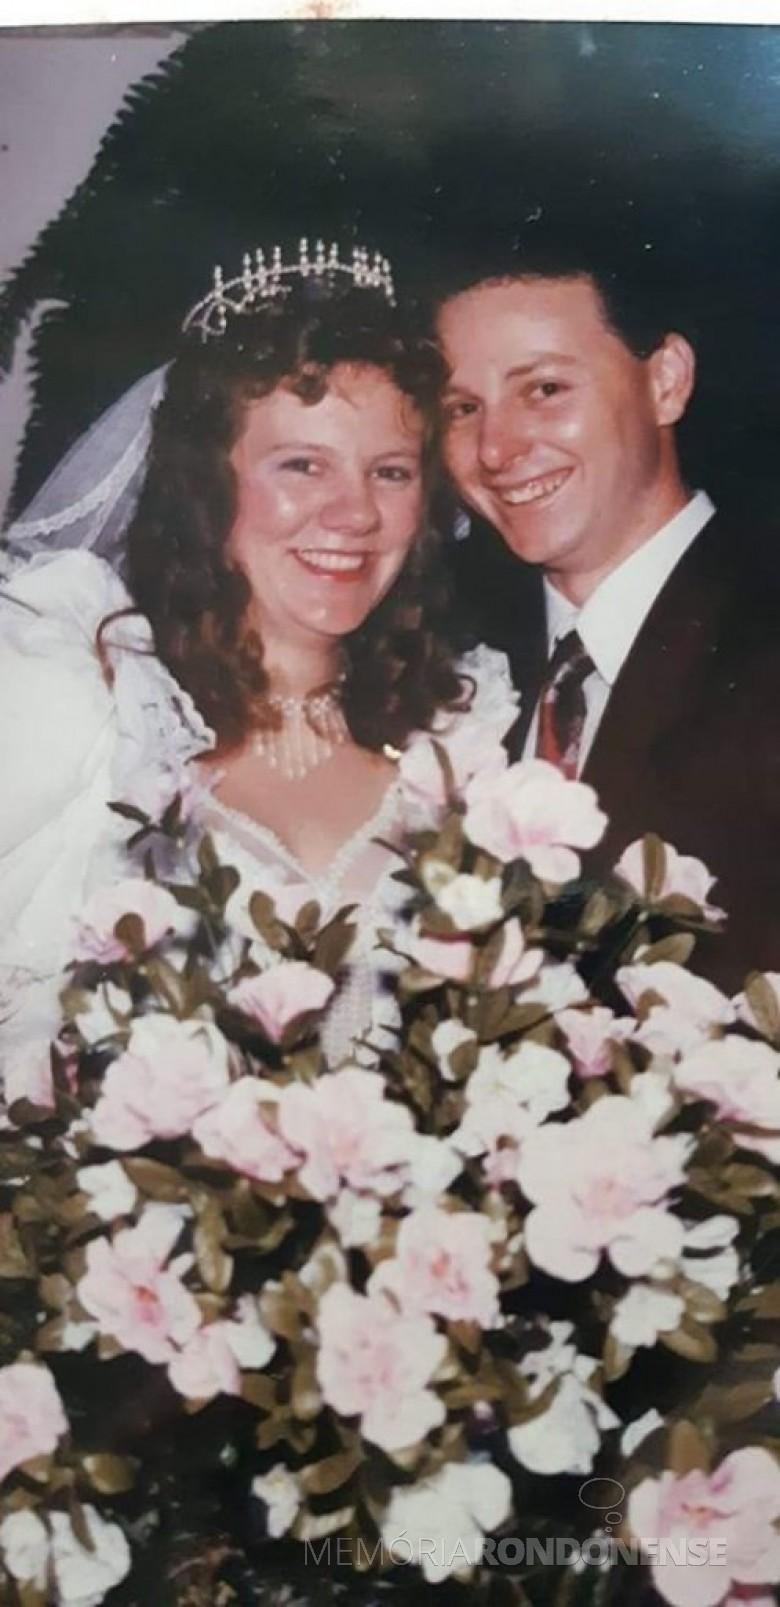 Noivos Sandra Joner e Márcio Cosseau que casaram em 23 de setembro de 1995. Imagem: Acervo do casal - FOTO 1 -